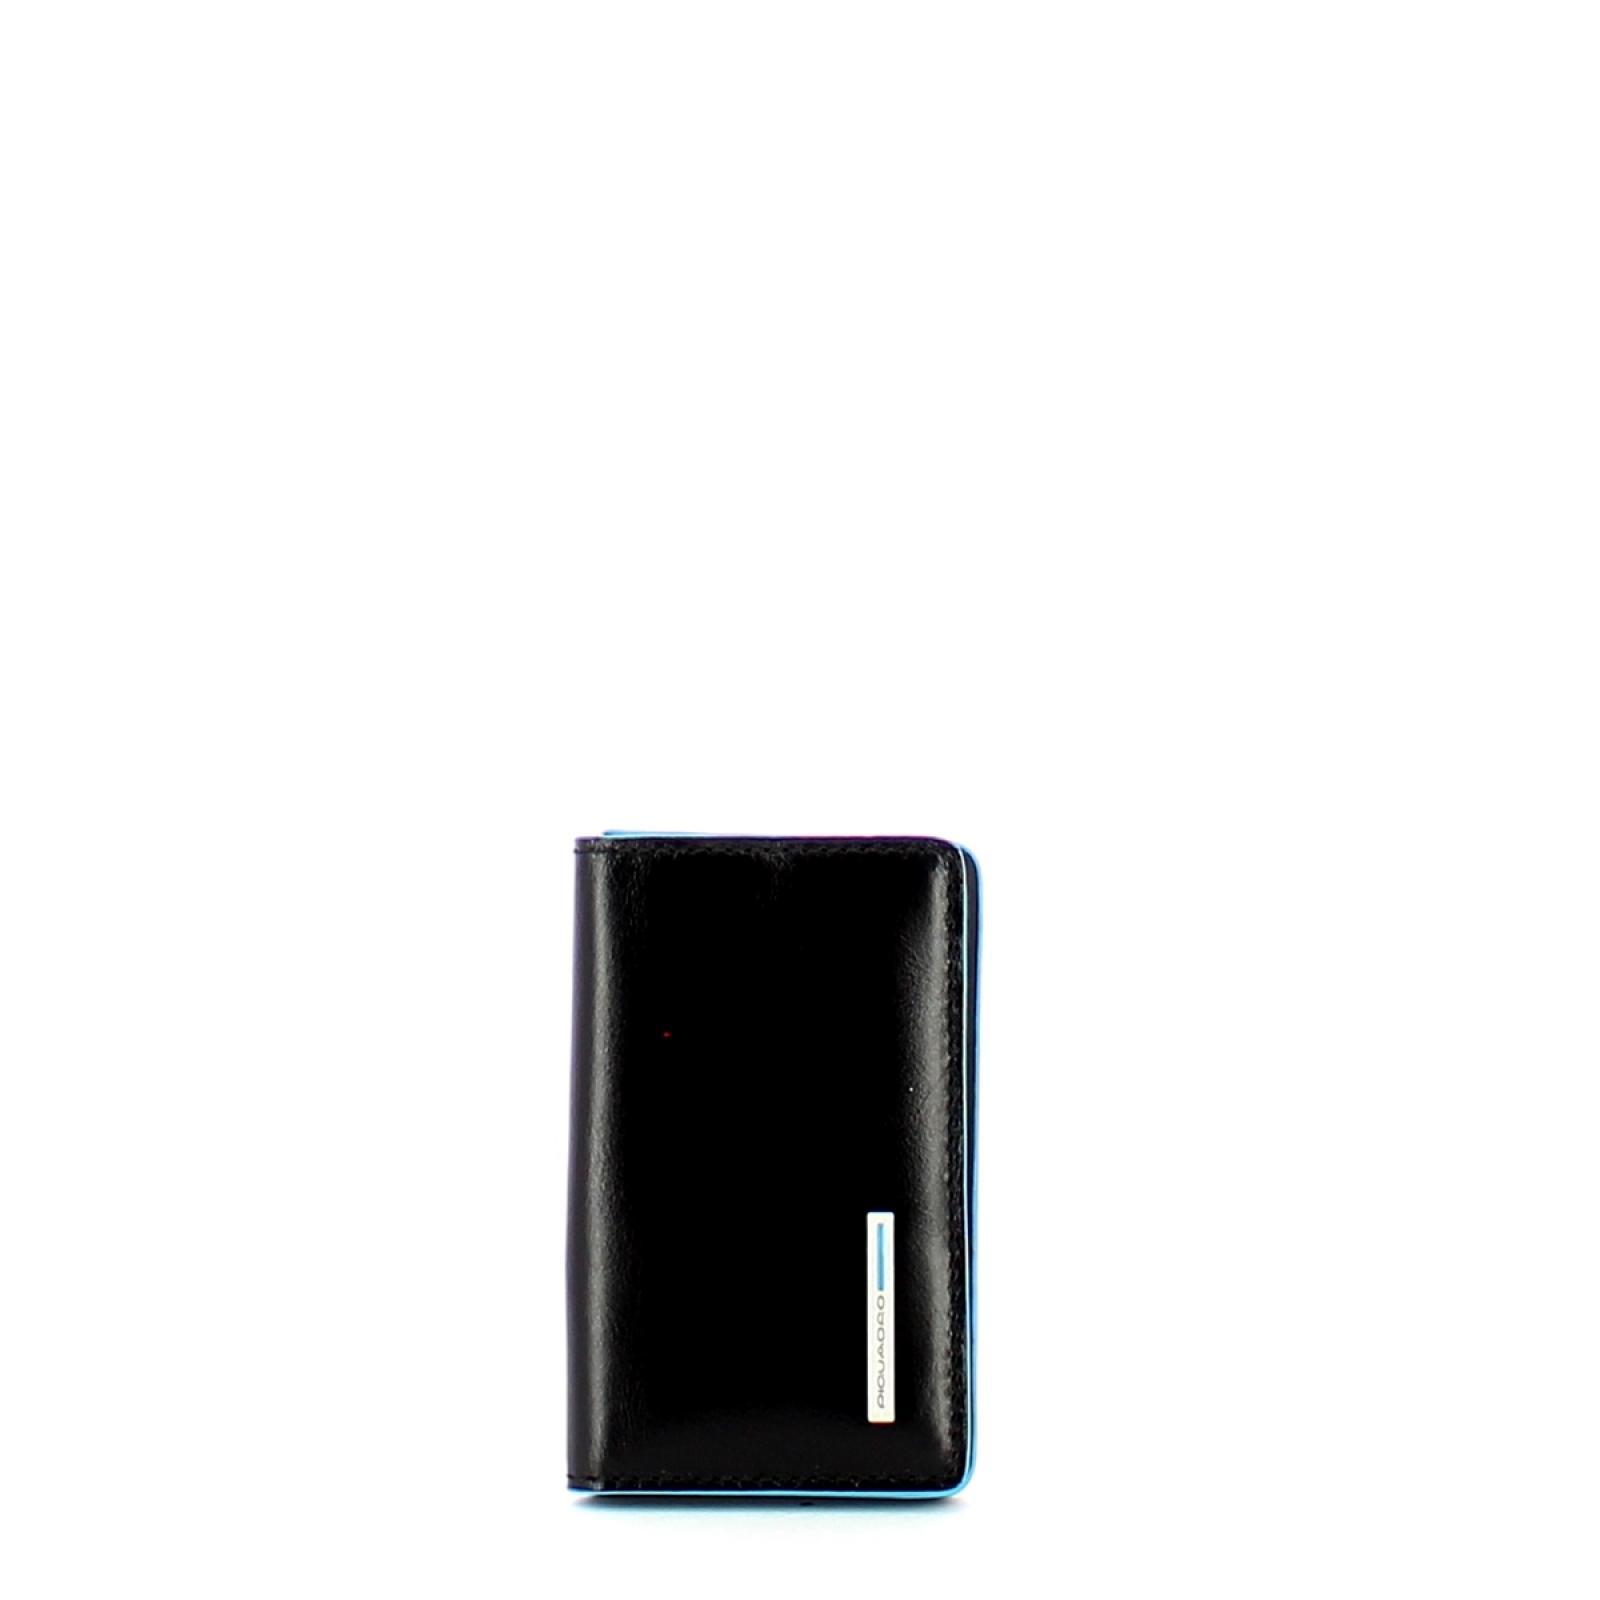 Piquadro Porta Biglietti Blue Square - 1